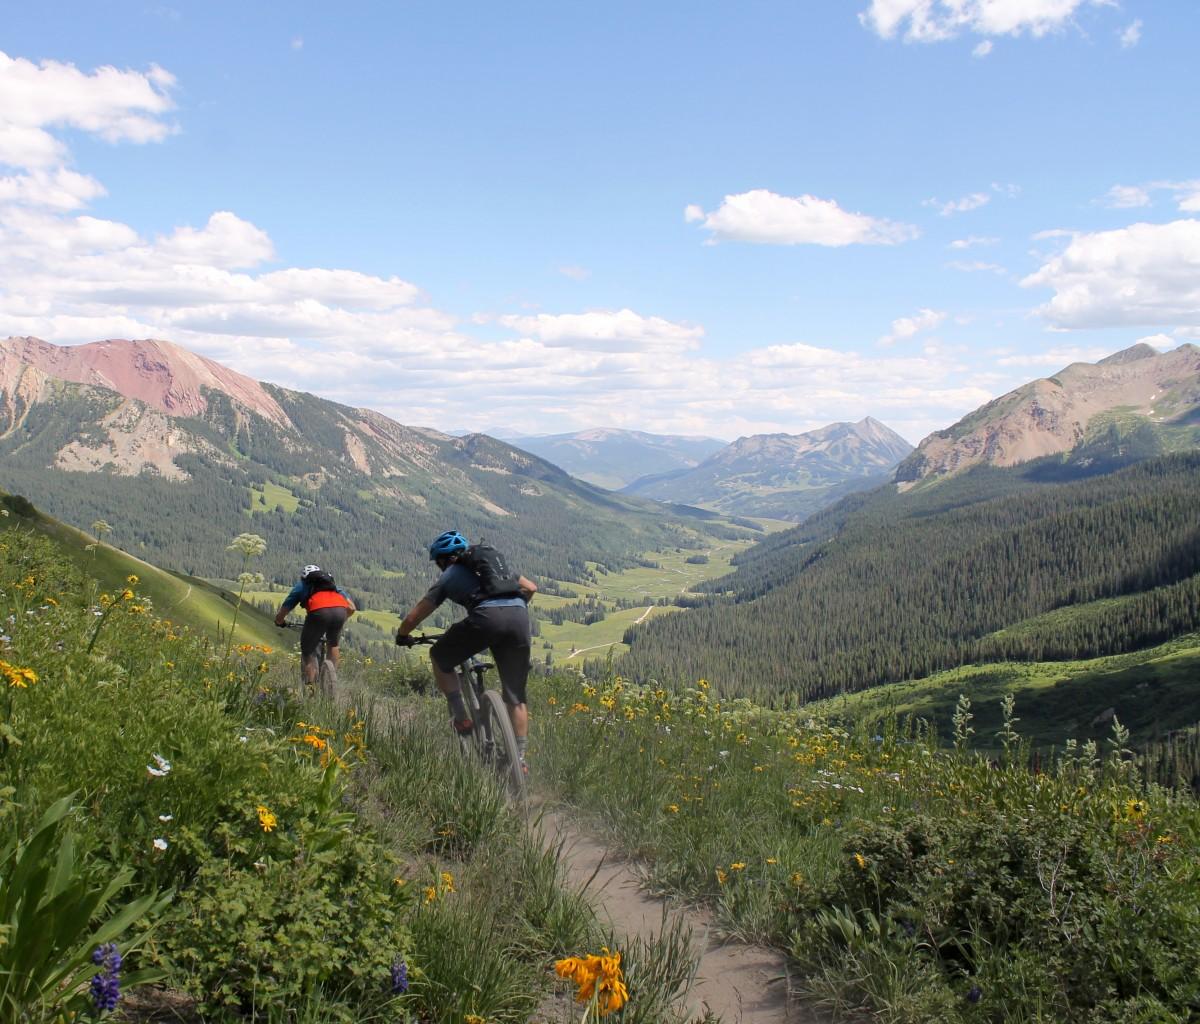 Riders: Josh Patterson, Matt Kasprzyk